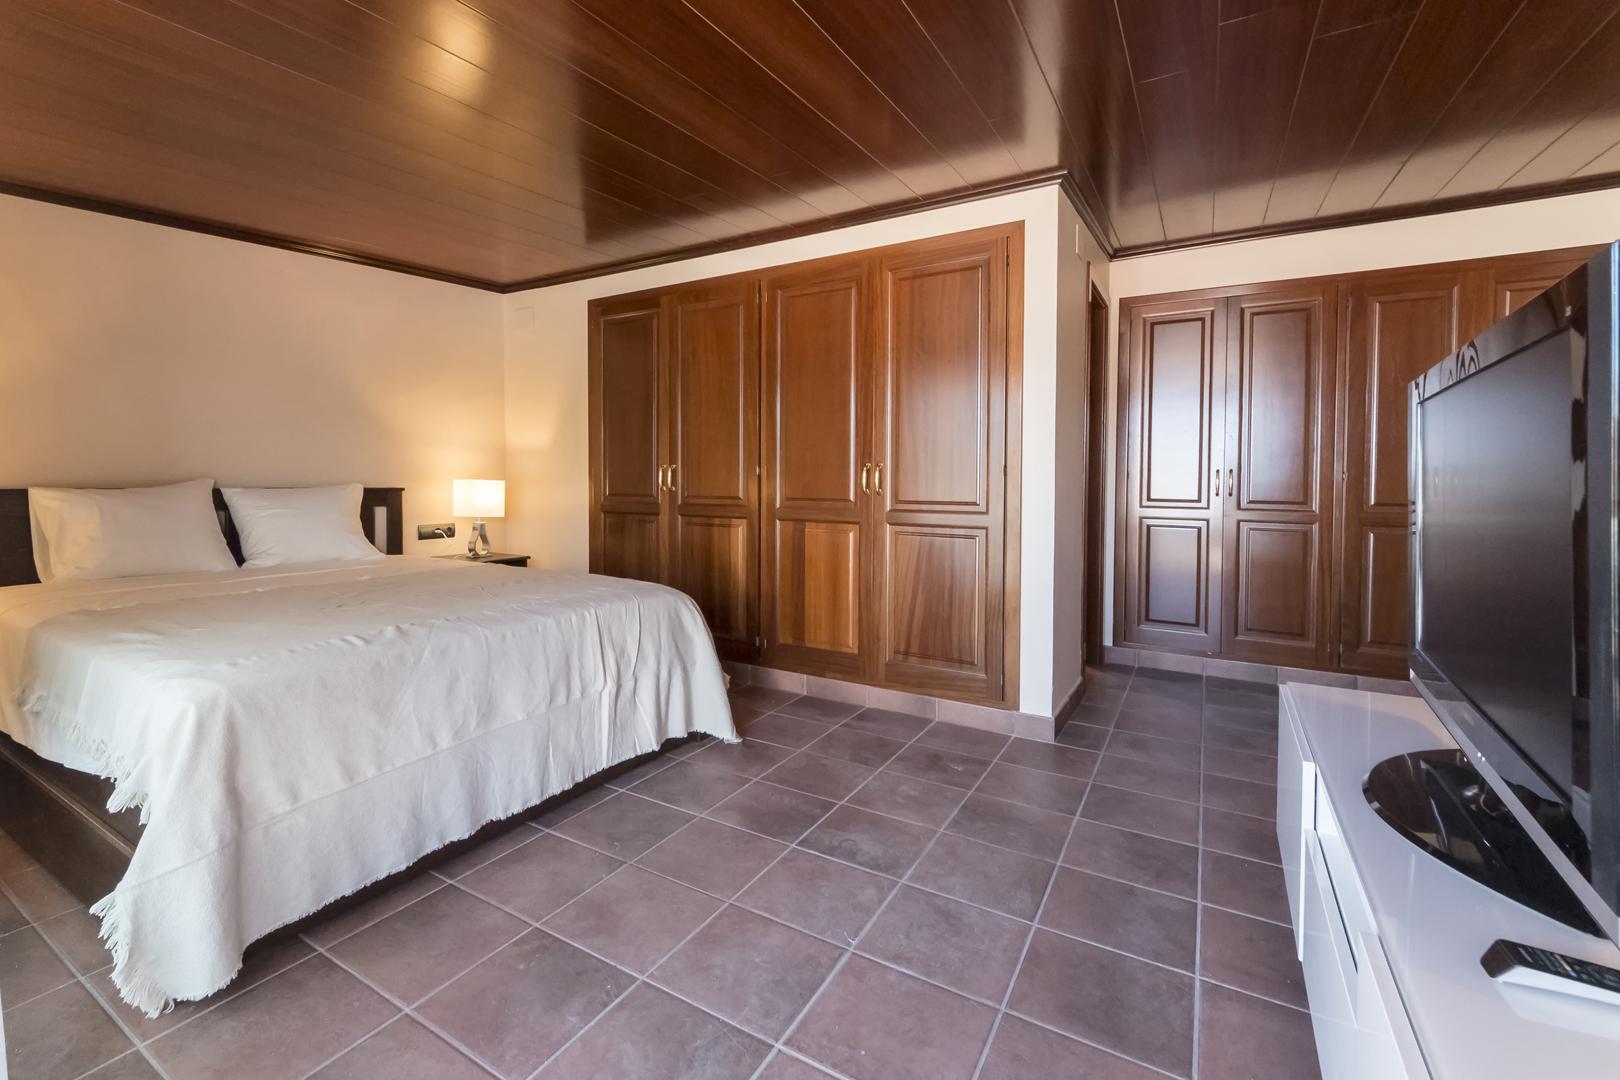 Dormitori 1 suite